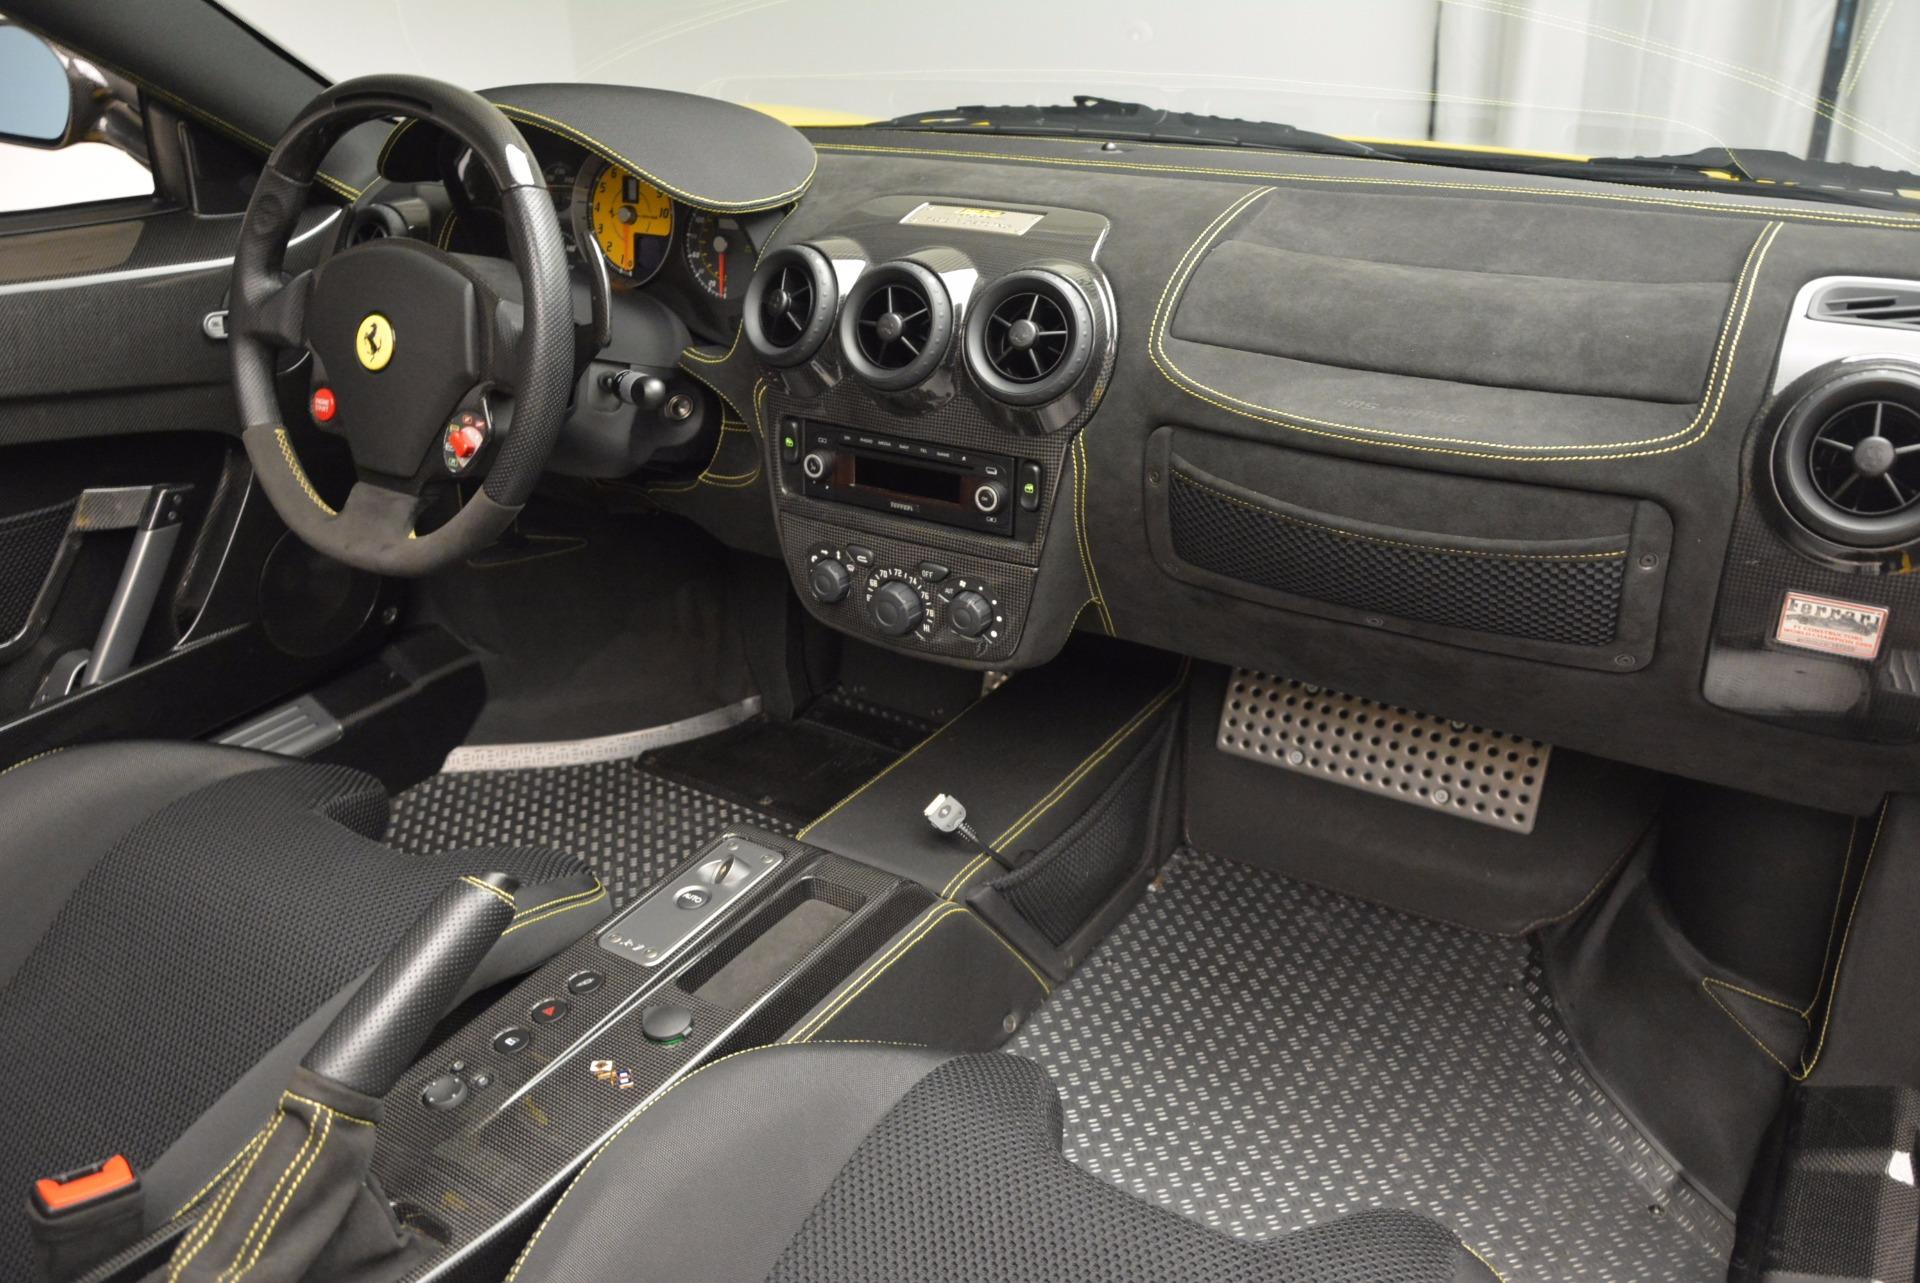 Used 2009 Ferrari F430 Scuderia 16M For Sale In Greenwich, CT 856_p29